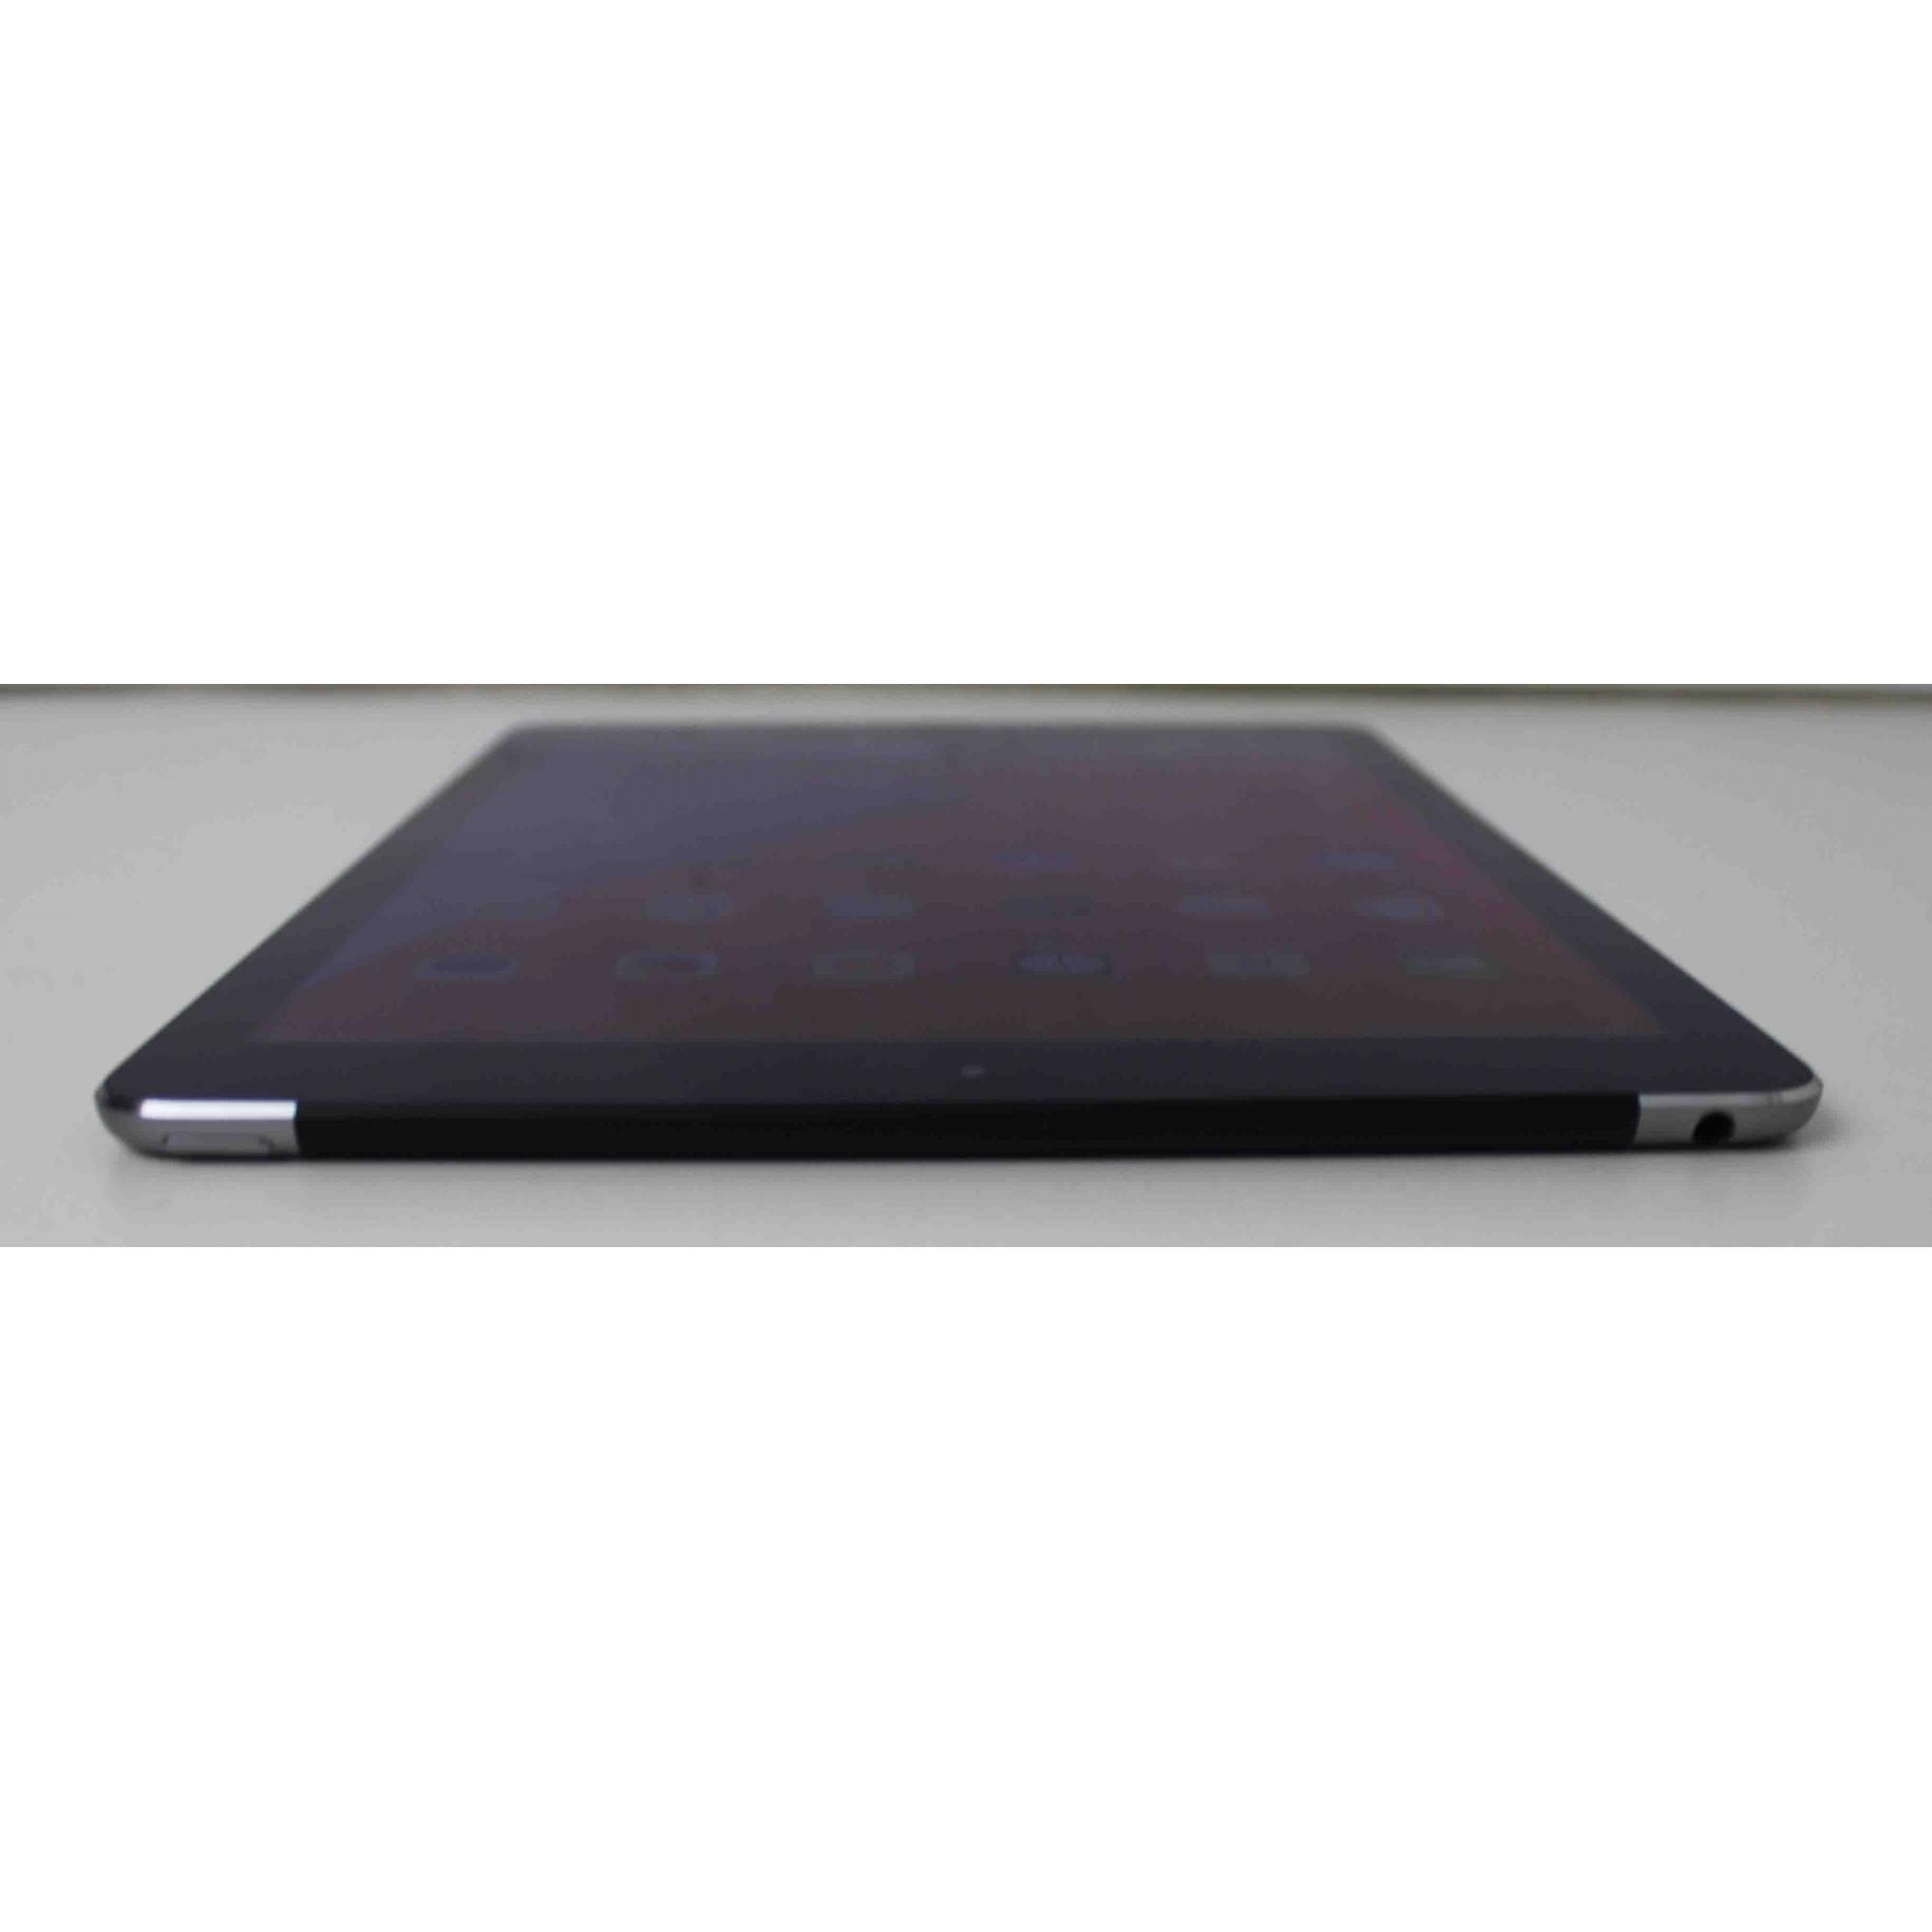 """iPad Air 2 MGWL2BR/A 9.7"""" 128GB Wifi - Cinza espacial (Não Enviamos)"""